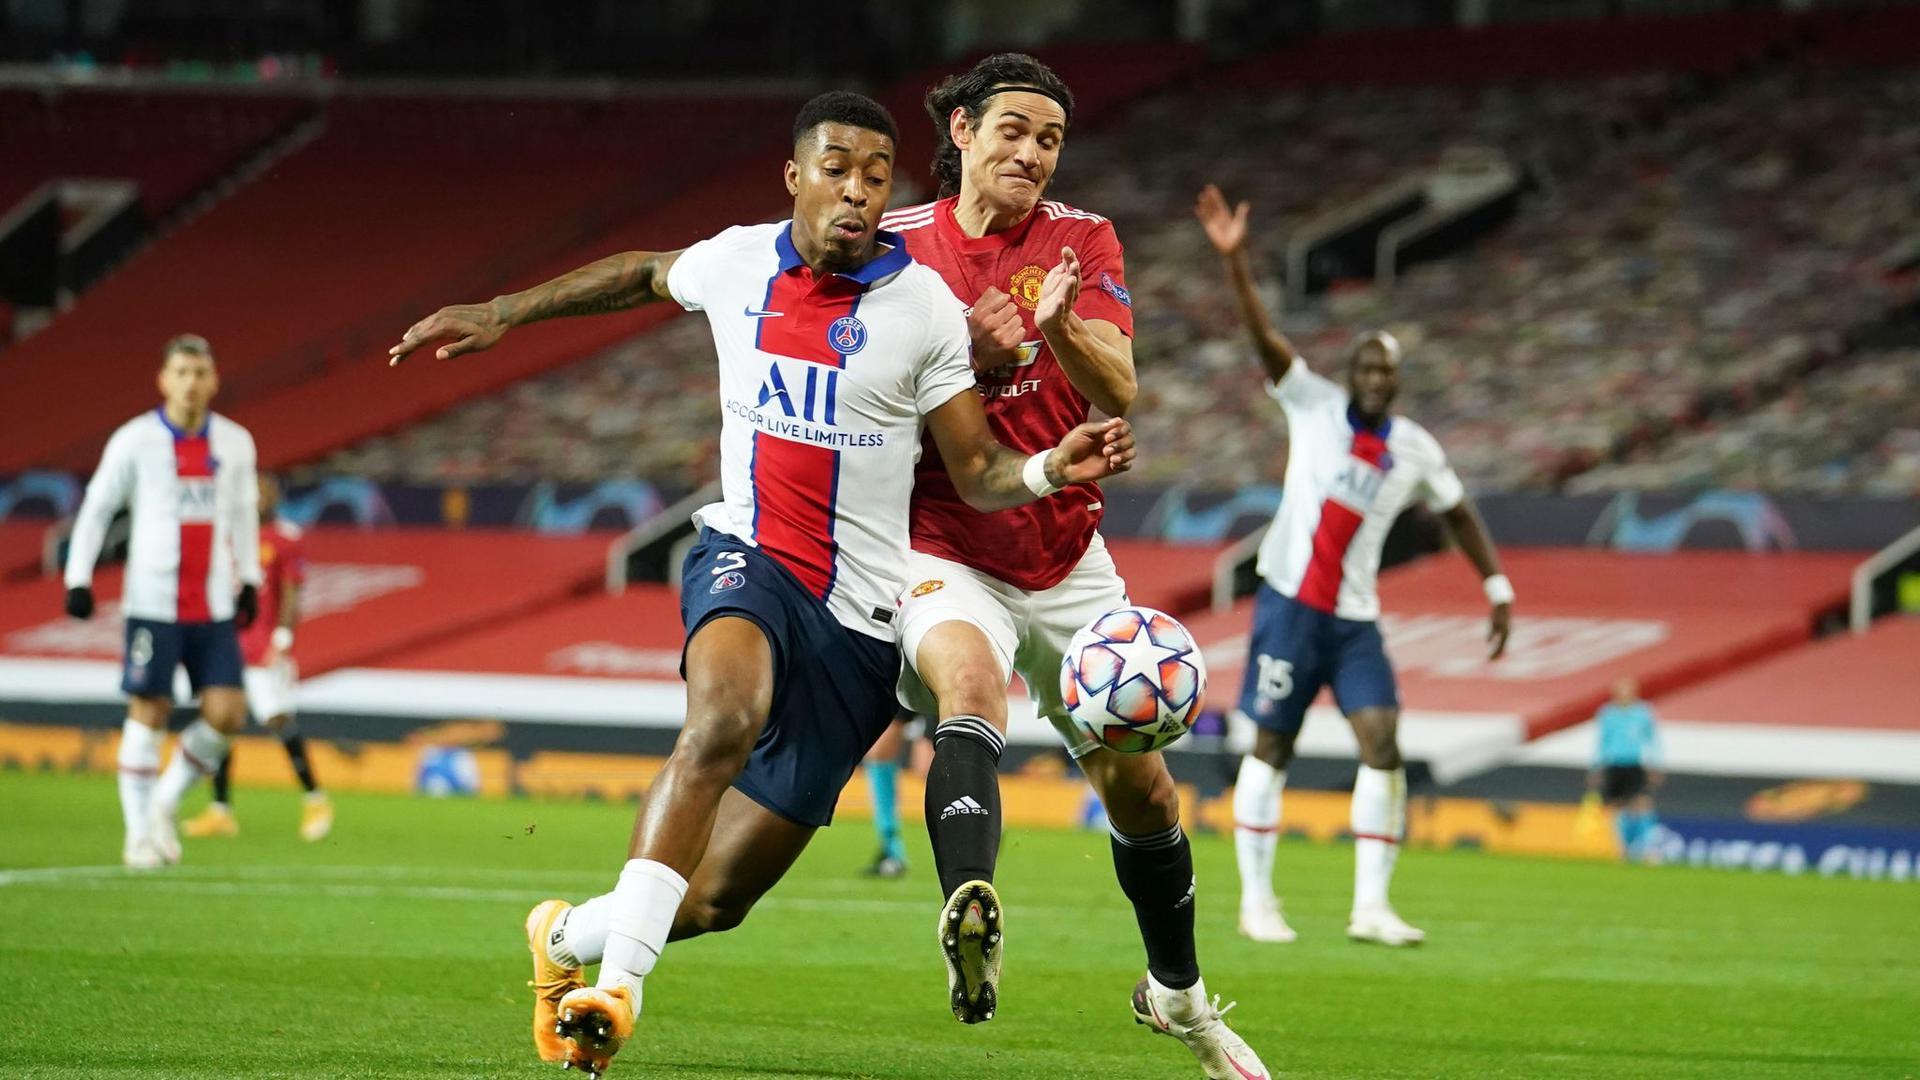 Zweikampf um den Ball zwischen Edinson Cavani (r) von Manchester United und Presnel Kimpembe von Paris Saint-Germain.